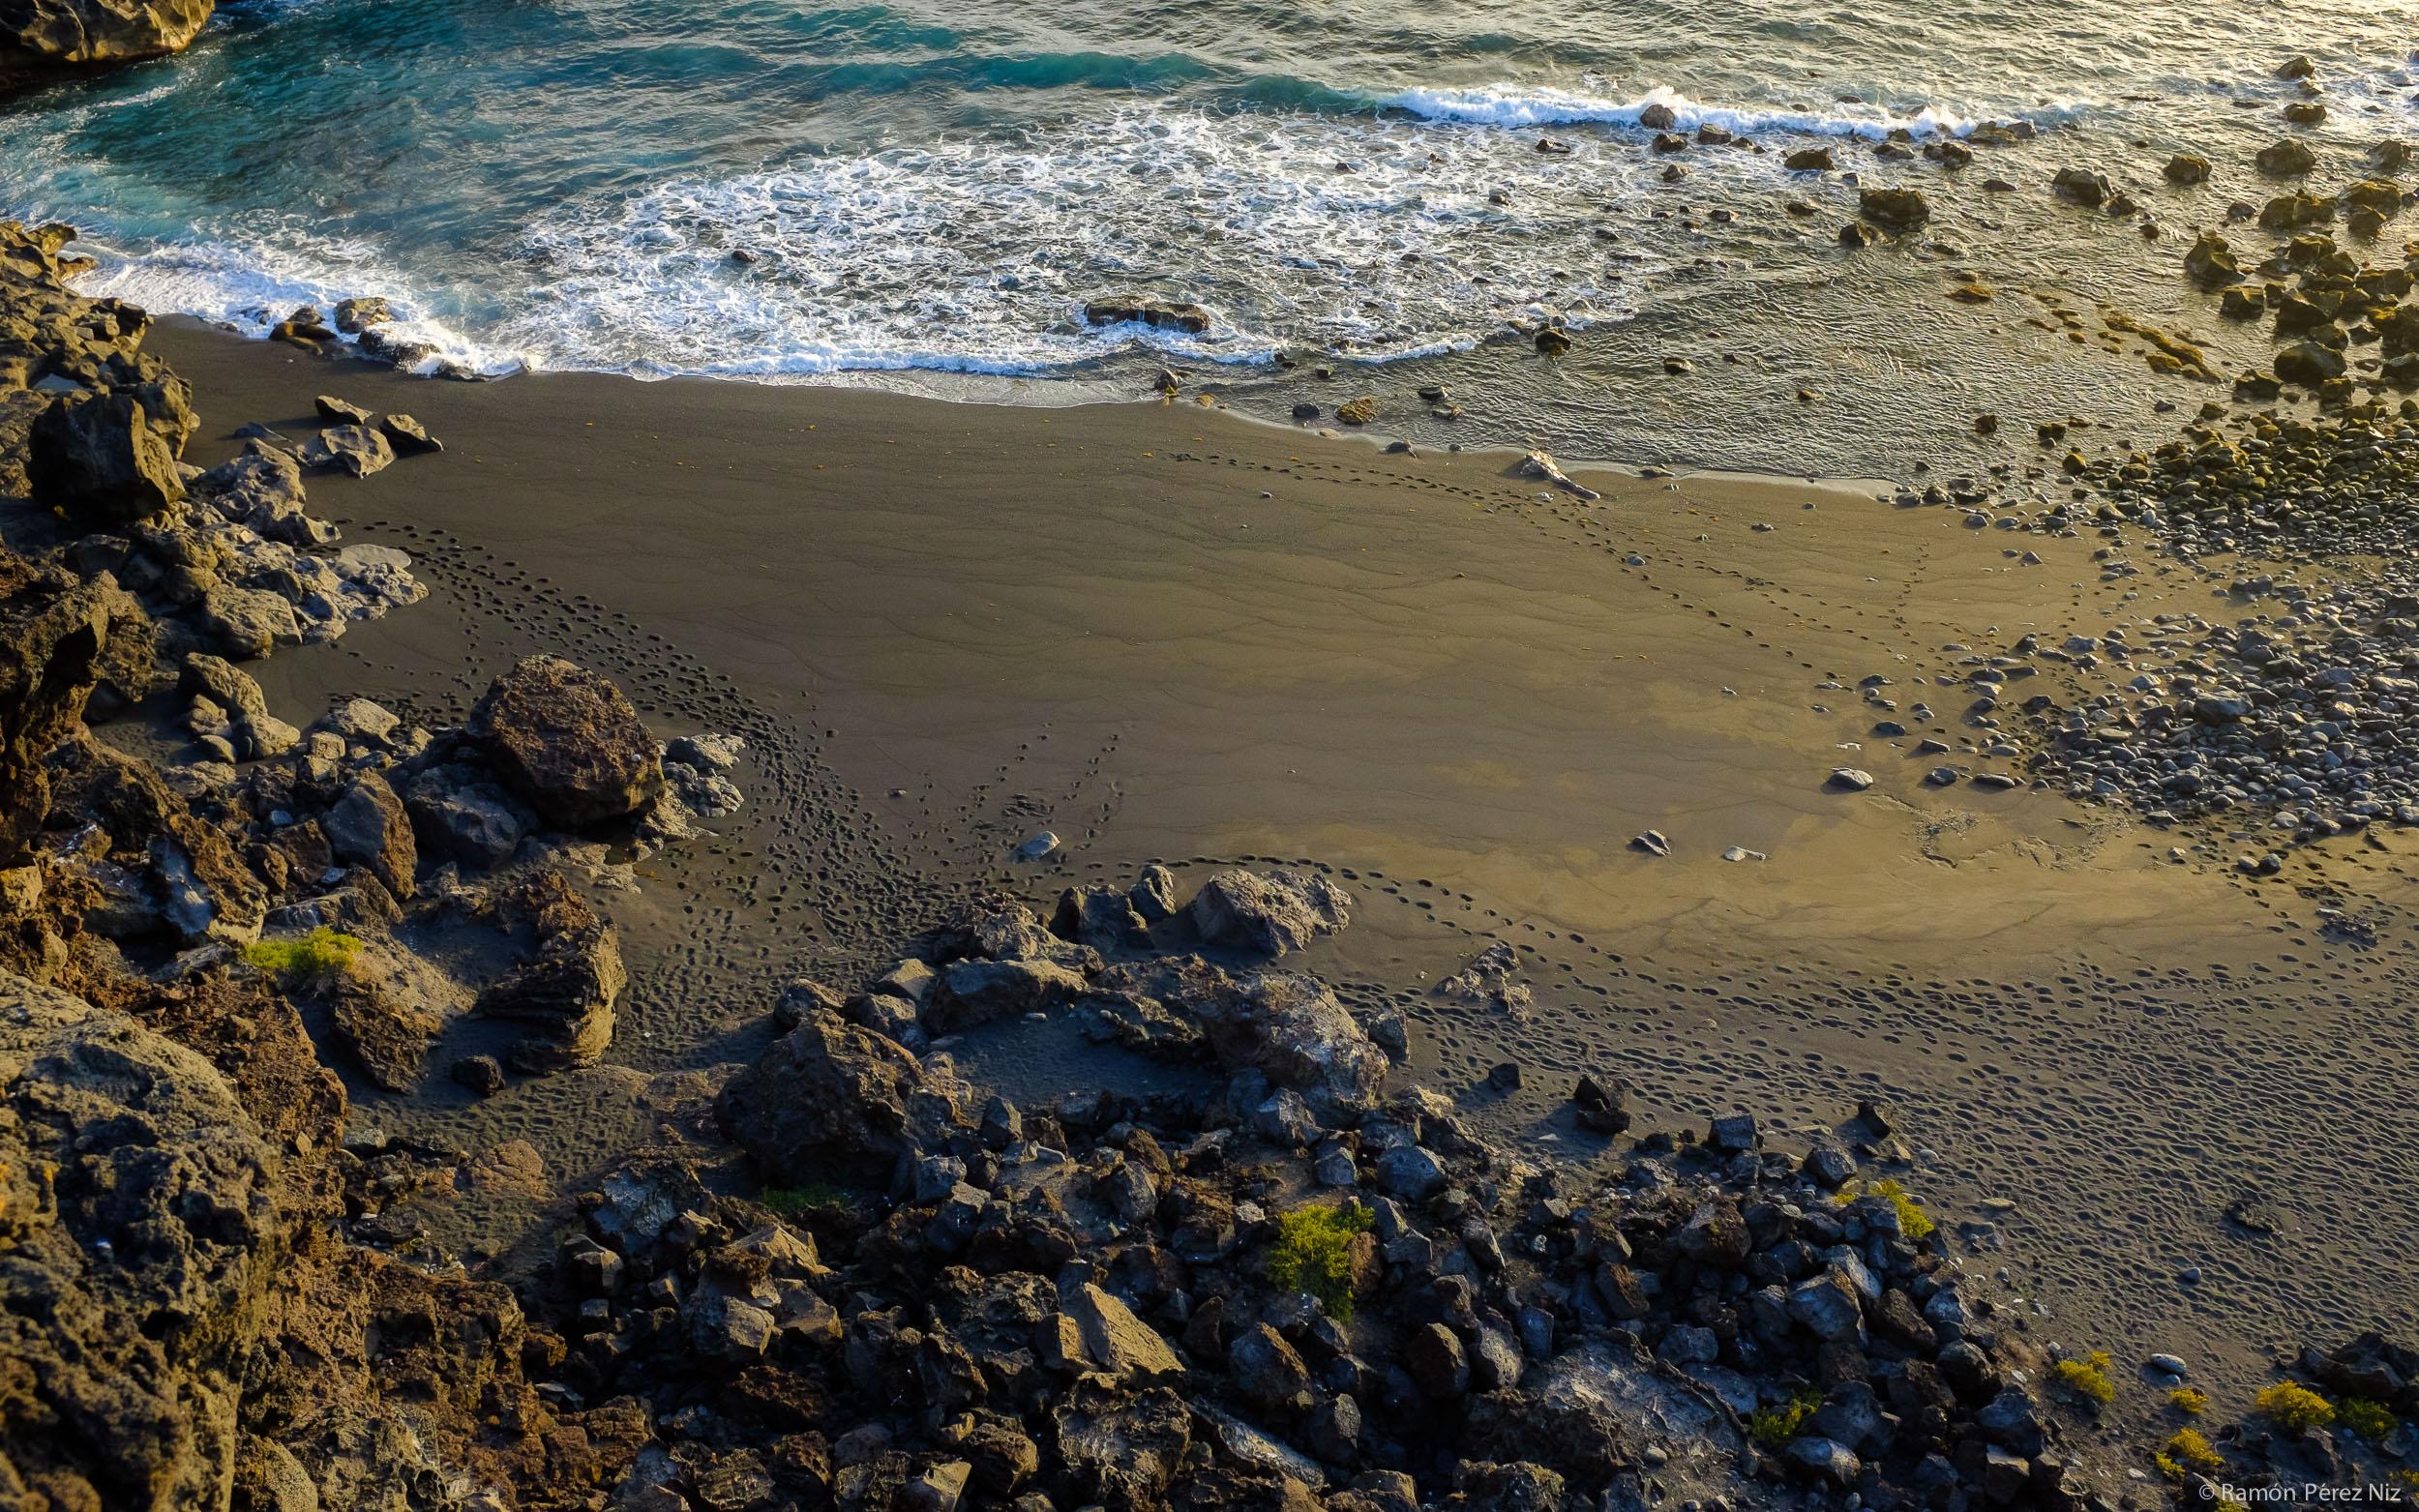 Foto de Ramón Pérez Niz, huellas en la playa del Paso. Lanzarote